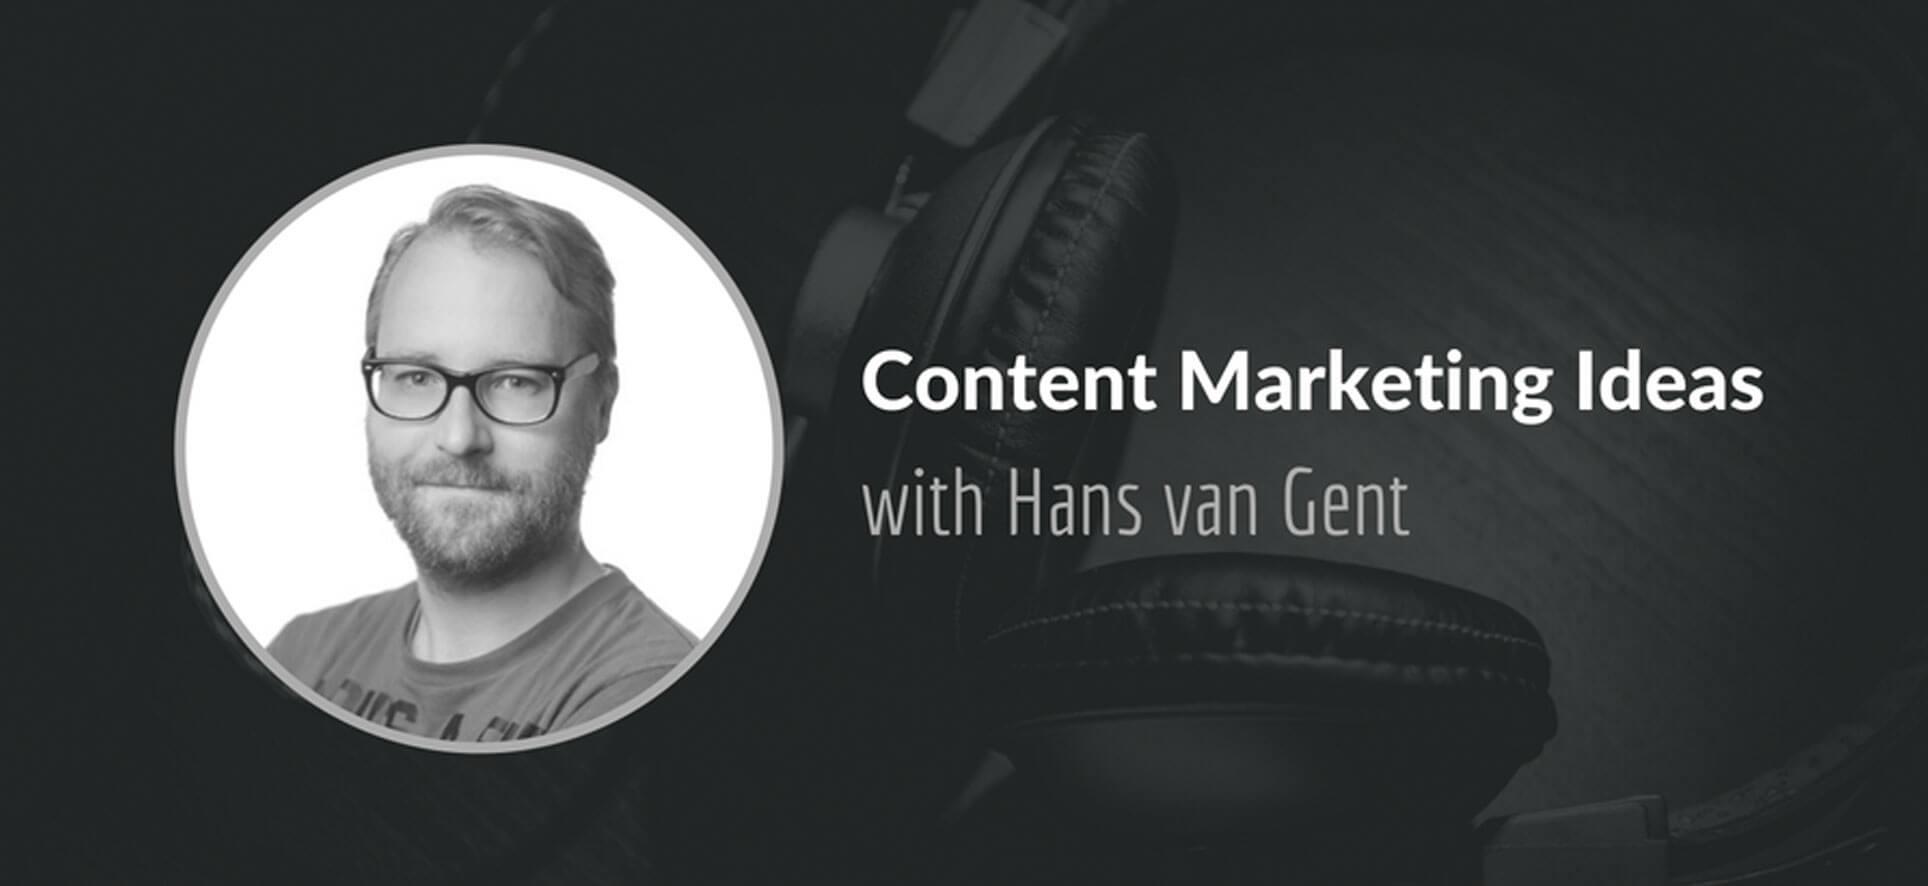 Content Marketing ideas with Hans van Gent